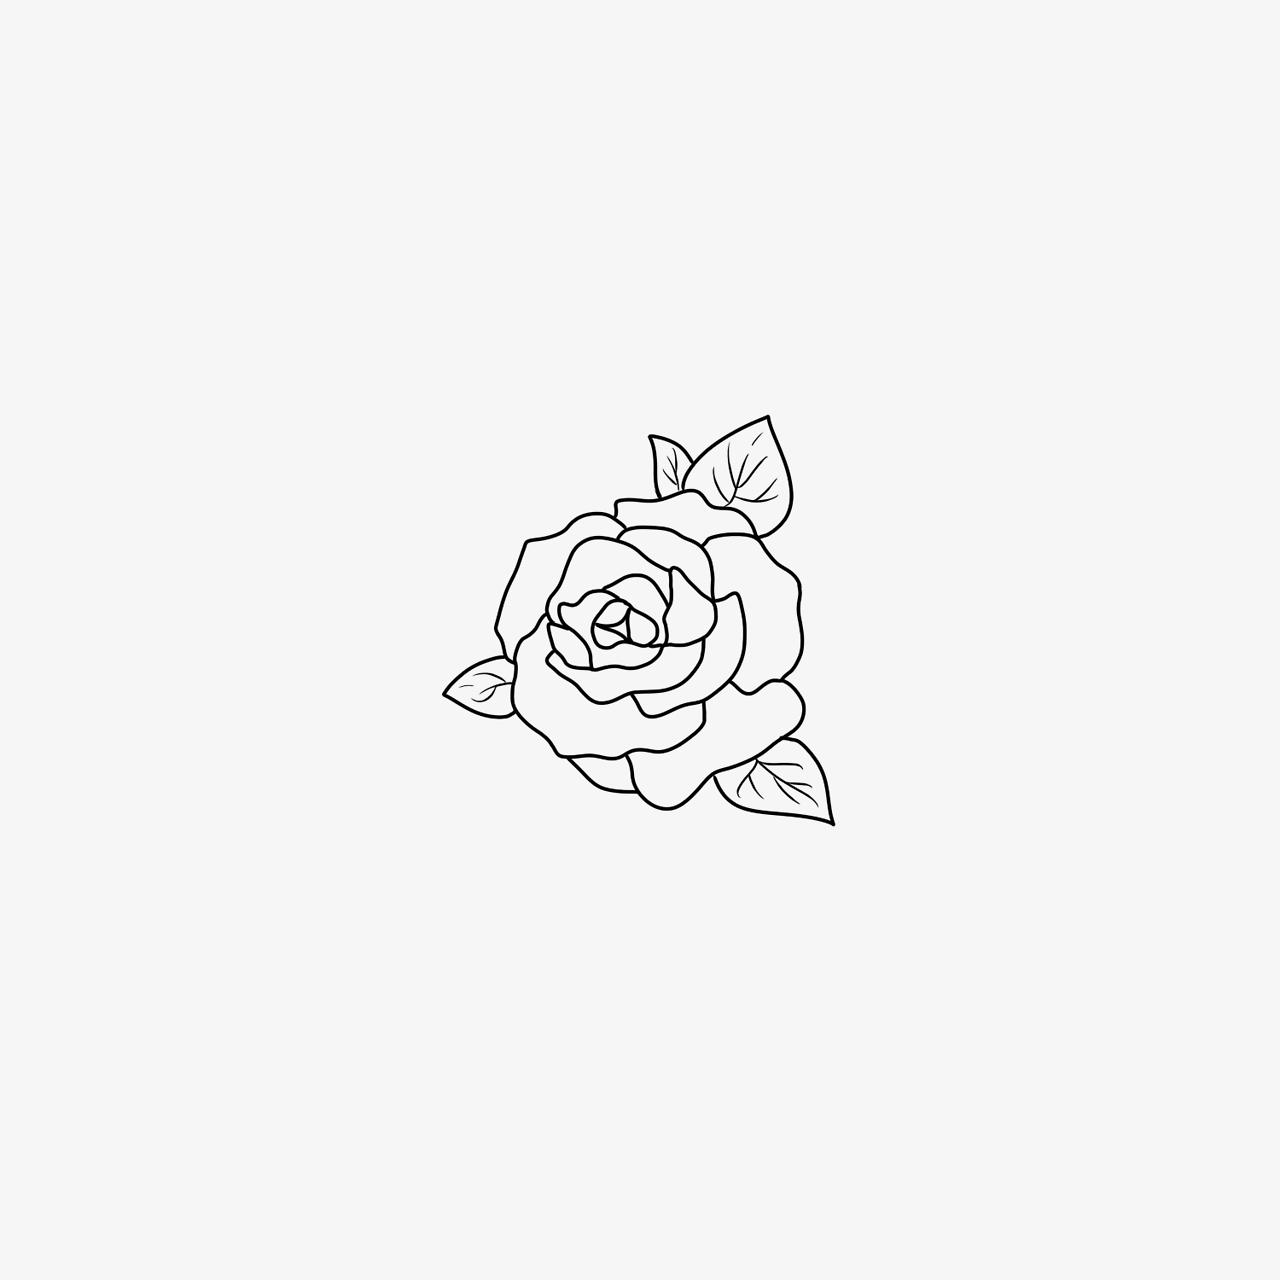 Likes Tumblr Rose Drawing Tattoo Small Rose Tattoo Small Tattoos